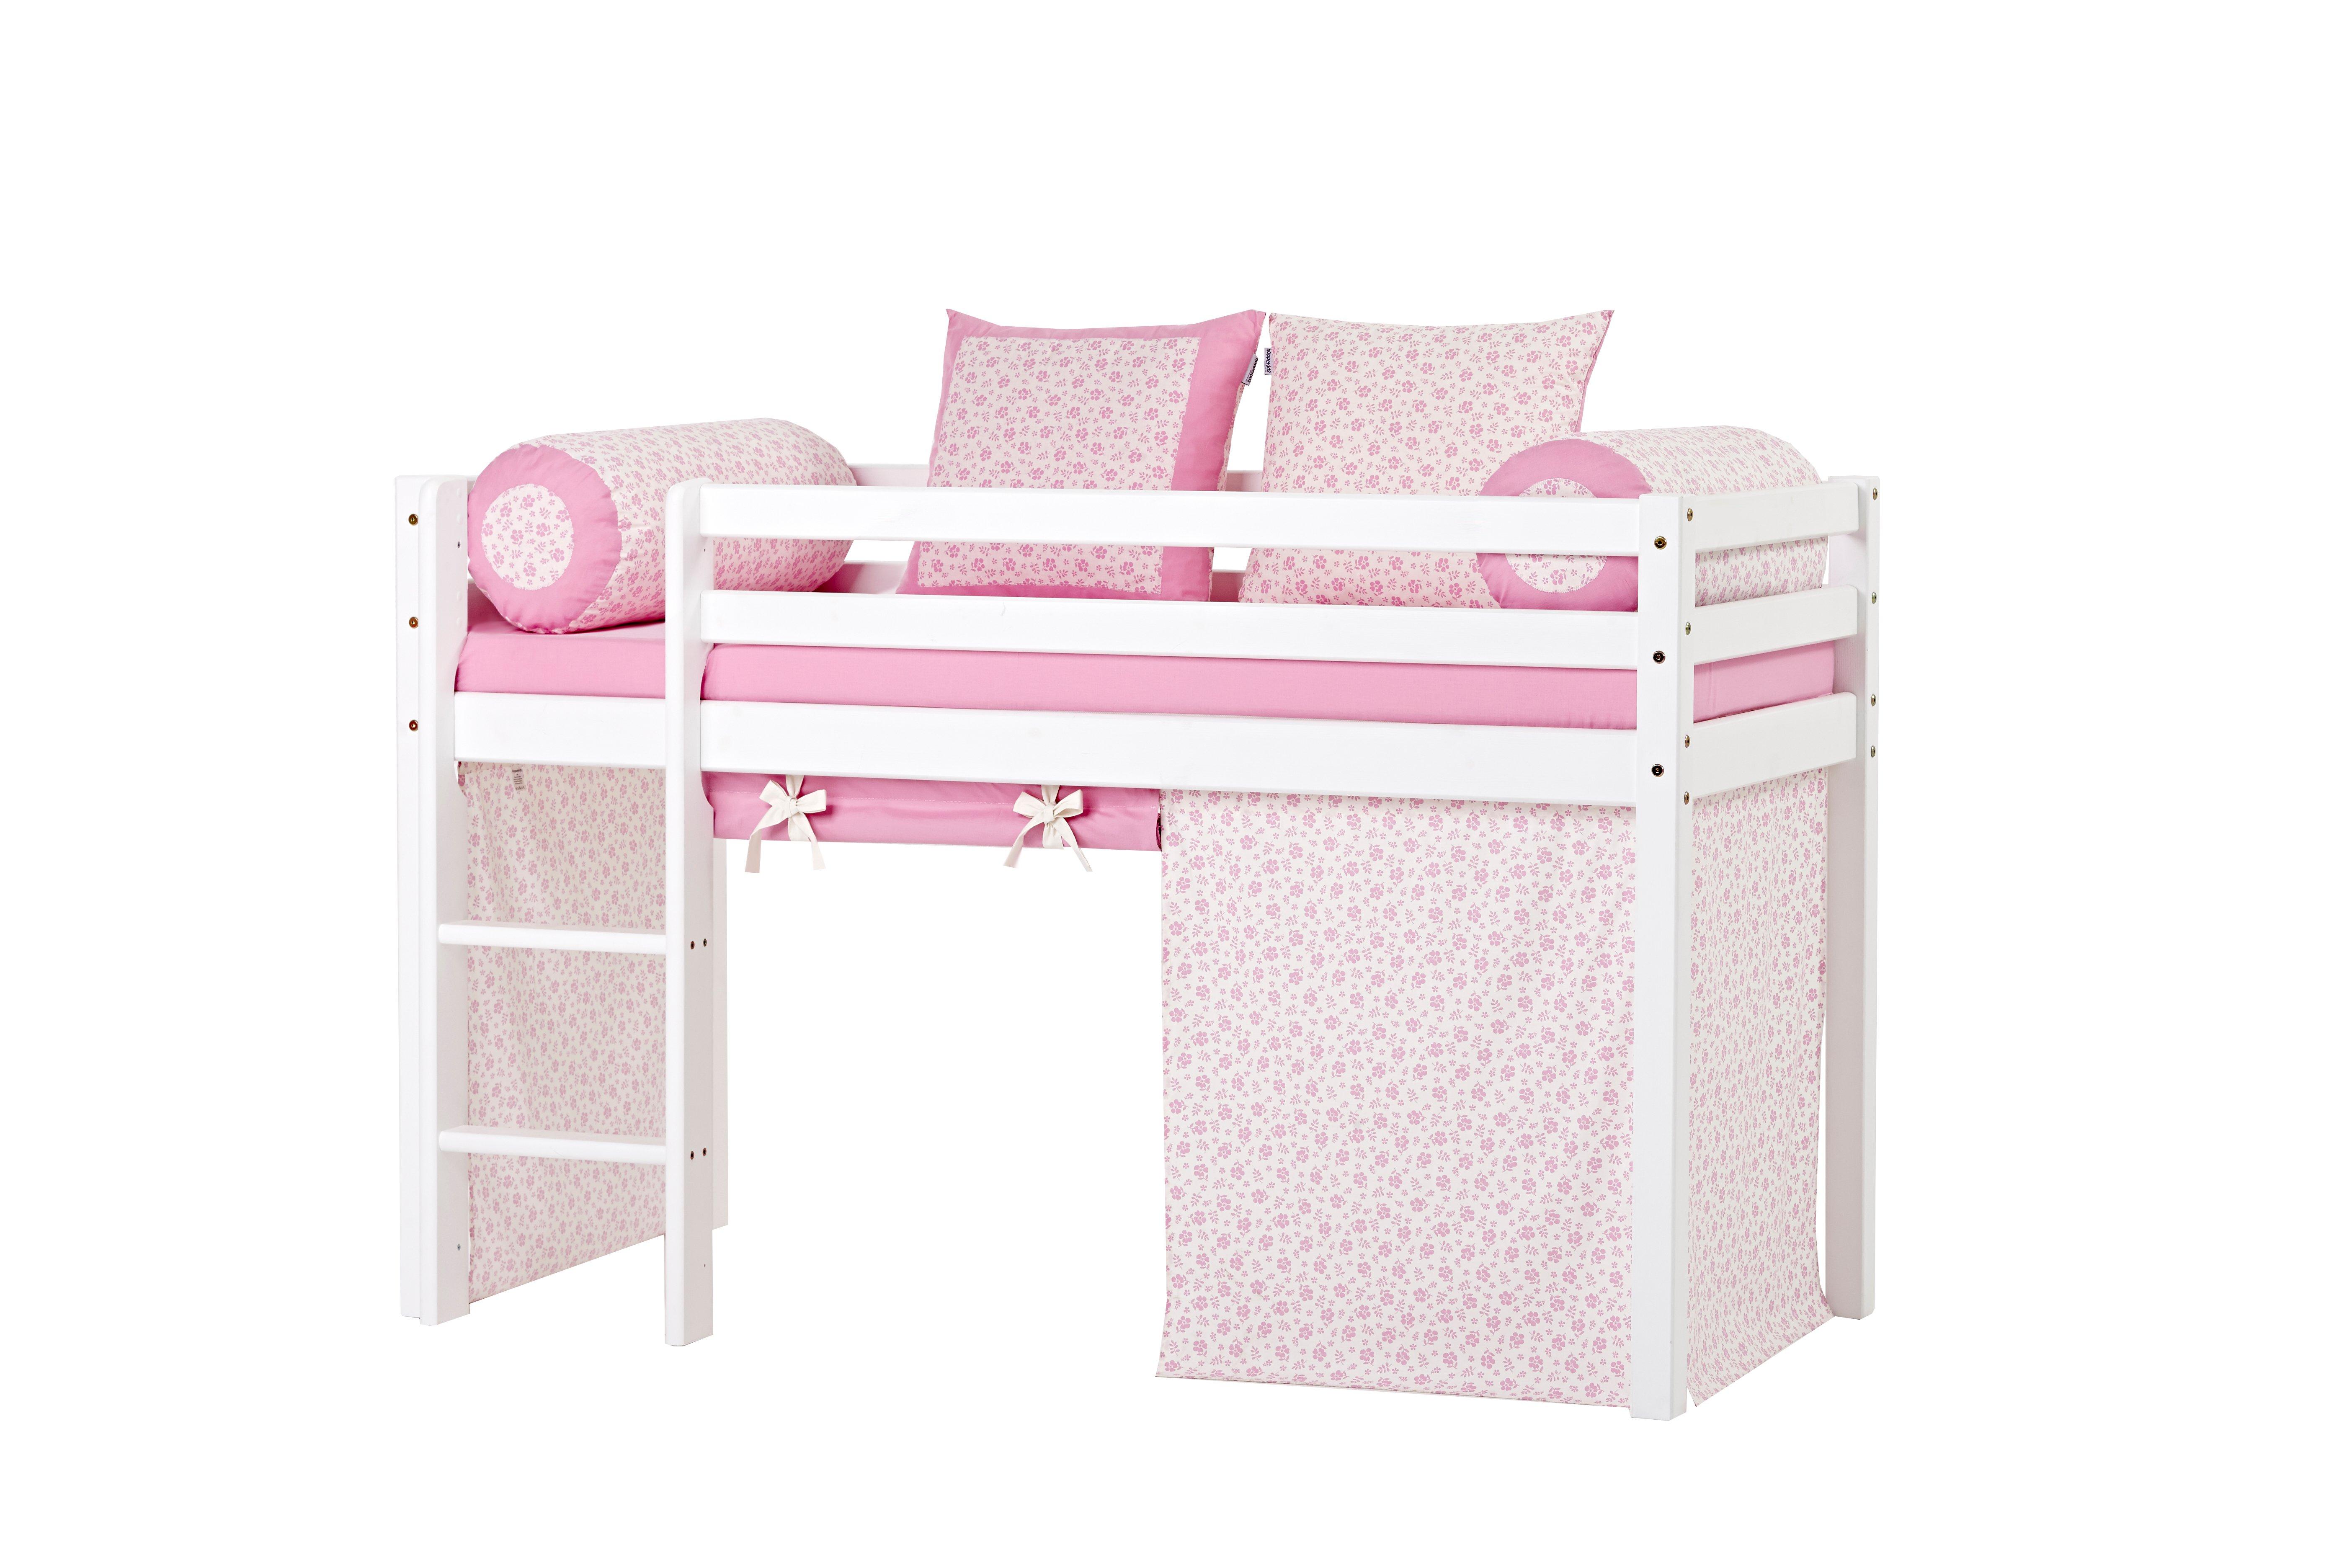 Hoppekids - BASIC Half-high bed with foam mattress + mattress cover + curtain 70x160 - Nostalgia